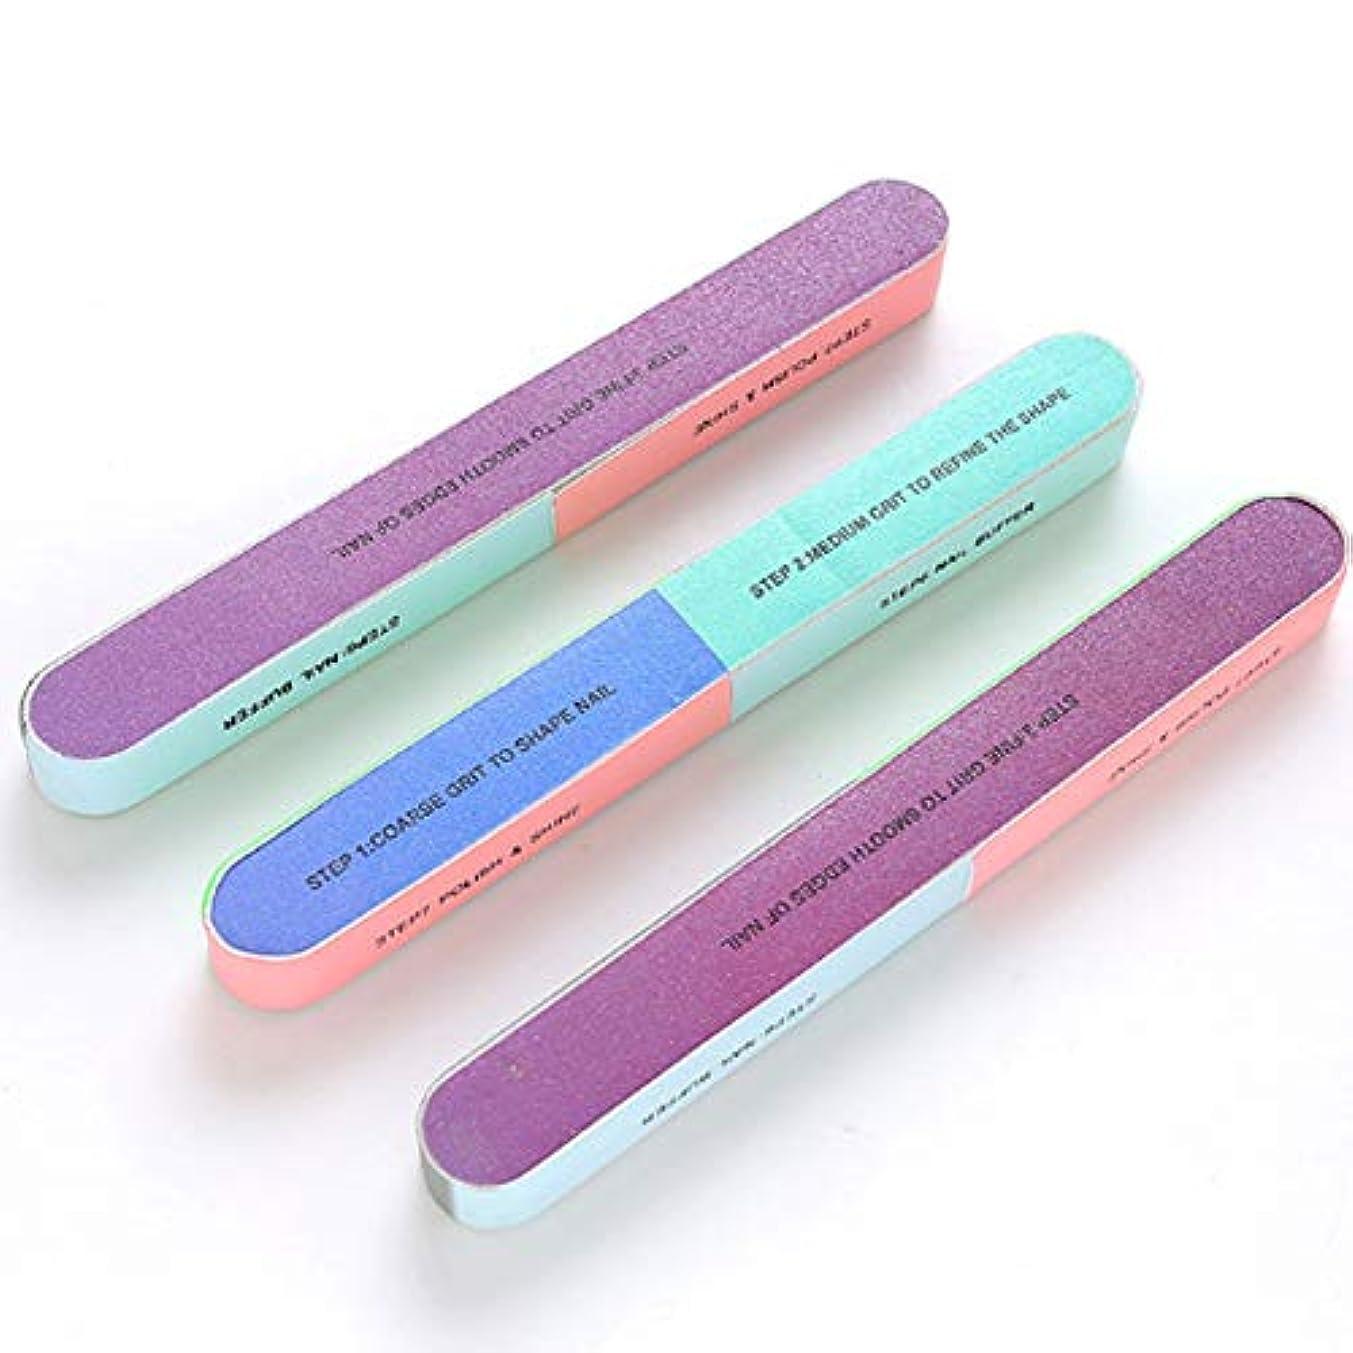 温かい週間やめるCalloy 爪やすり 爪磨き ネイルケア ネイルシャイナ― つめやすり つめみがき 男女兼用 3本入 カラーランダム (爪)